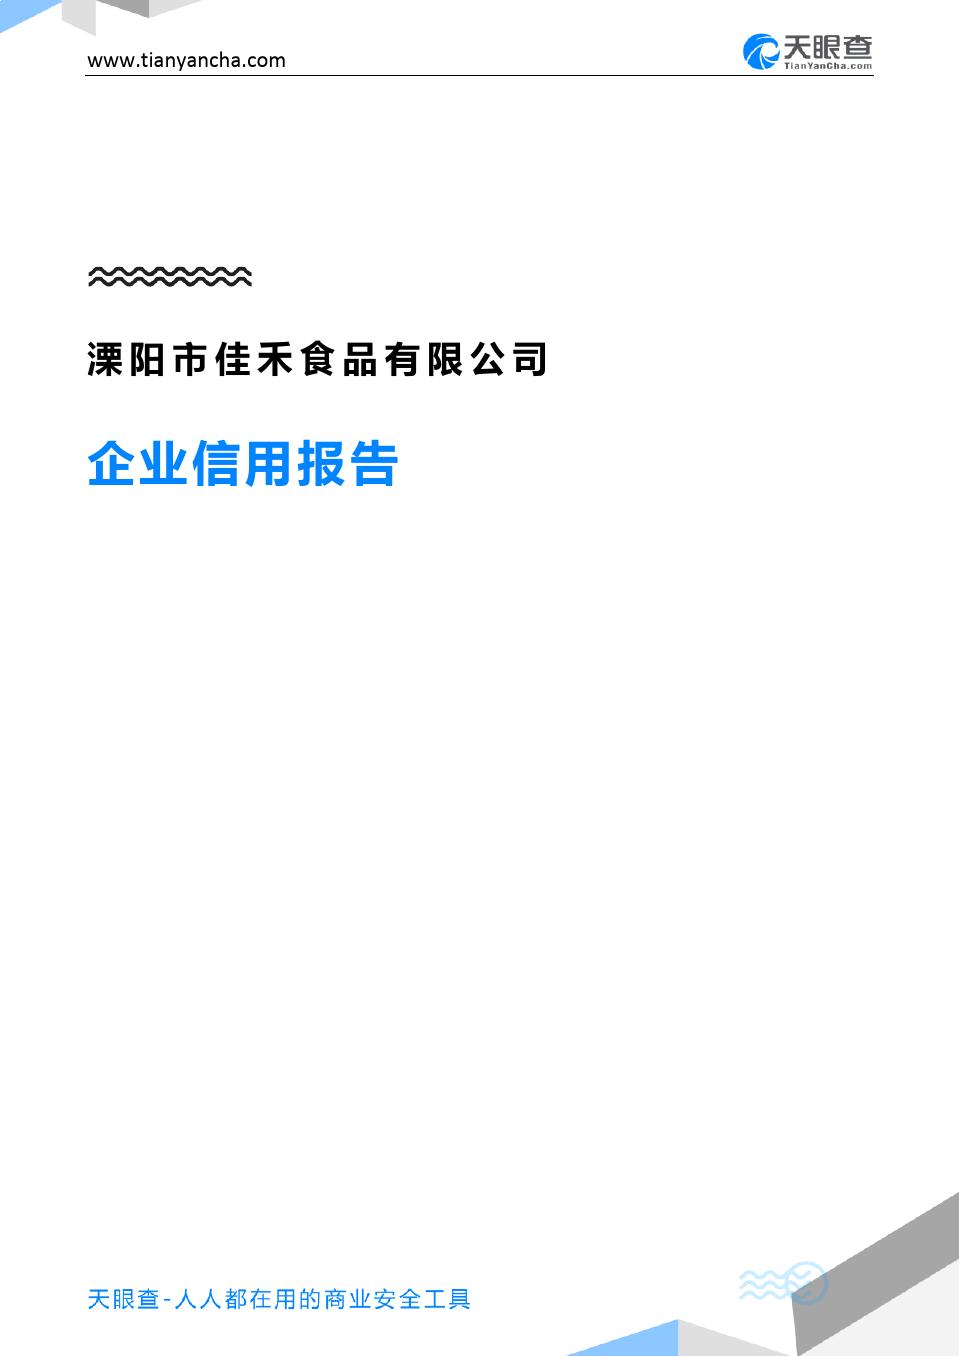 溧阳市佳禾食品有限公司(企业信用报告)- 天眼查